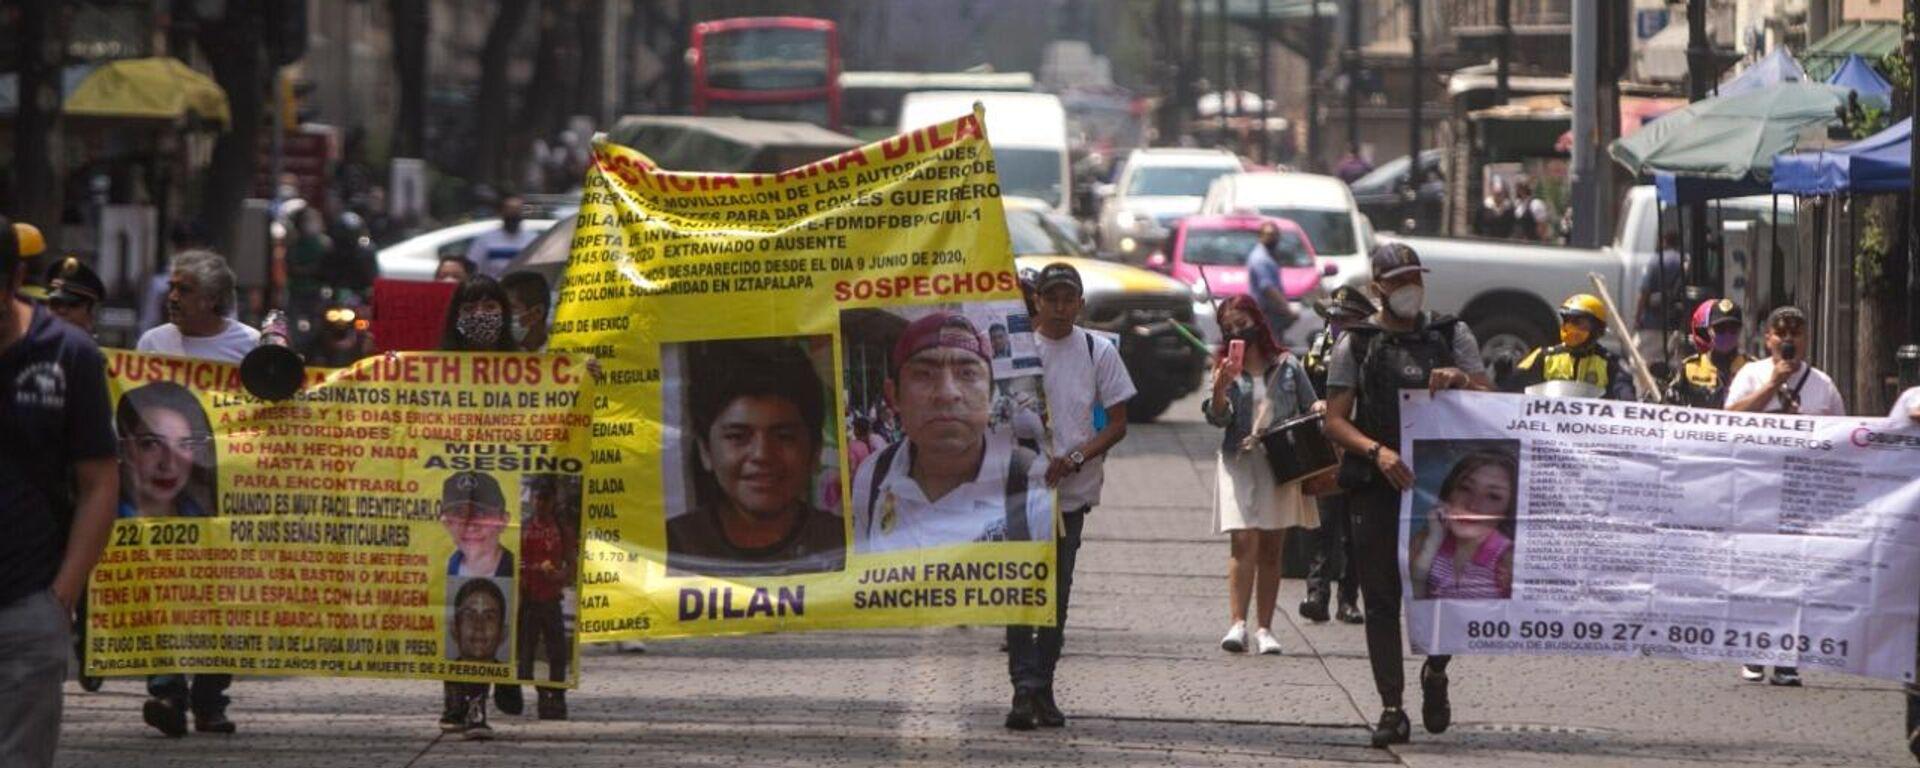 Manifestación hacia la sede de Gobierno capitalina exigiendo Justicia y búsqueda para las personas desaparecidas en la capital mexicana - Sputnik Mundo, 1920, 31.03.2021